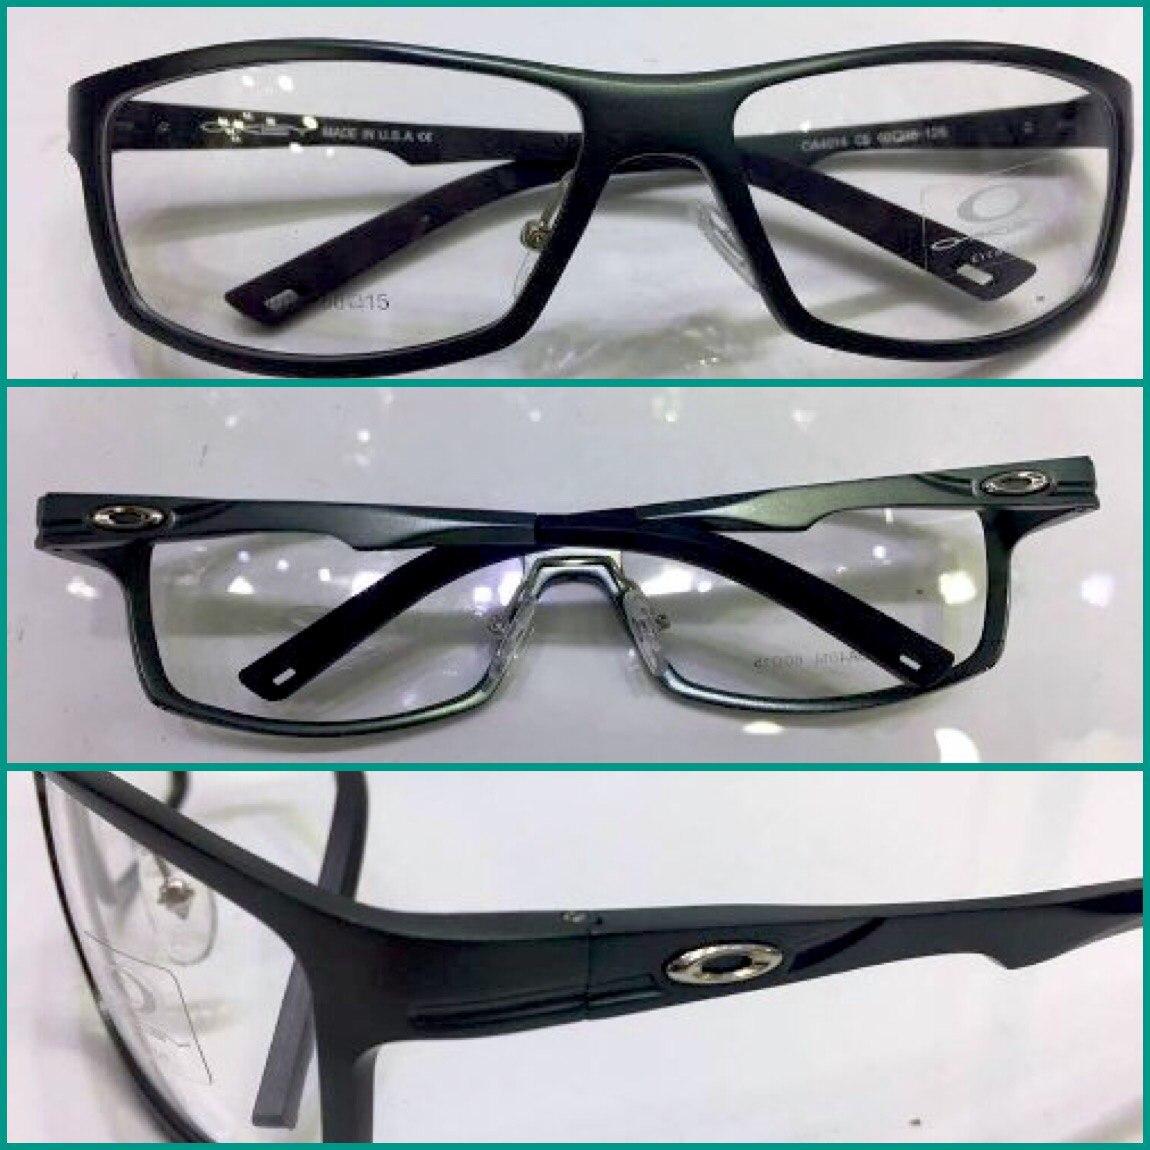 ef4caf3cd oa4014 armação oculos aluminio esporte frete gratis verde. Carregando zoom.